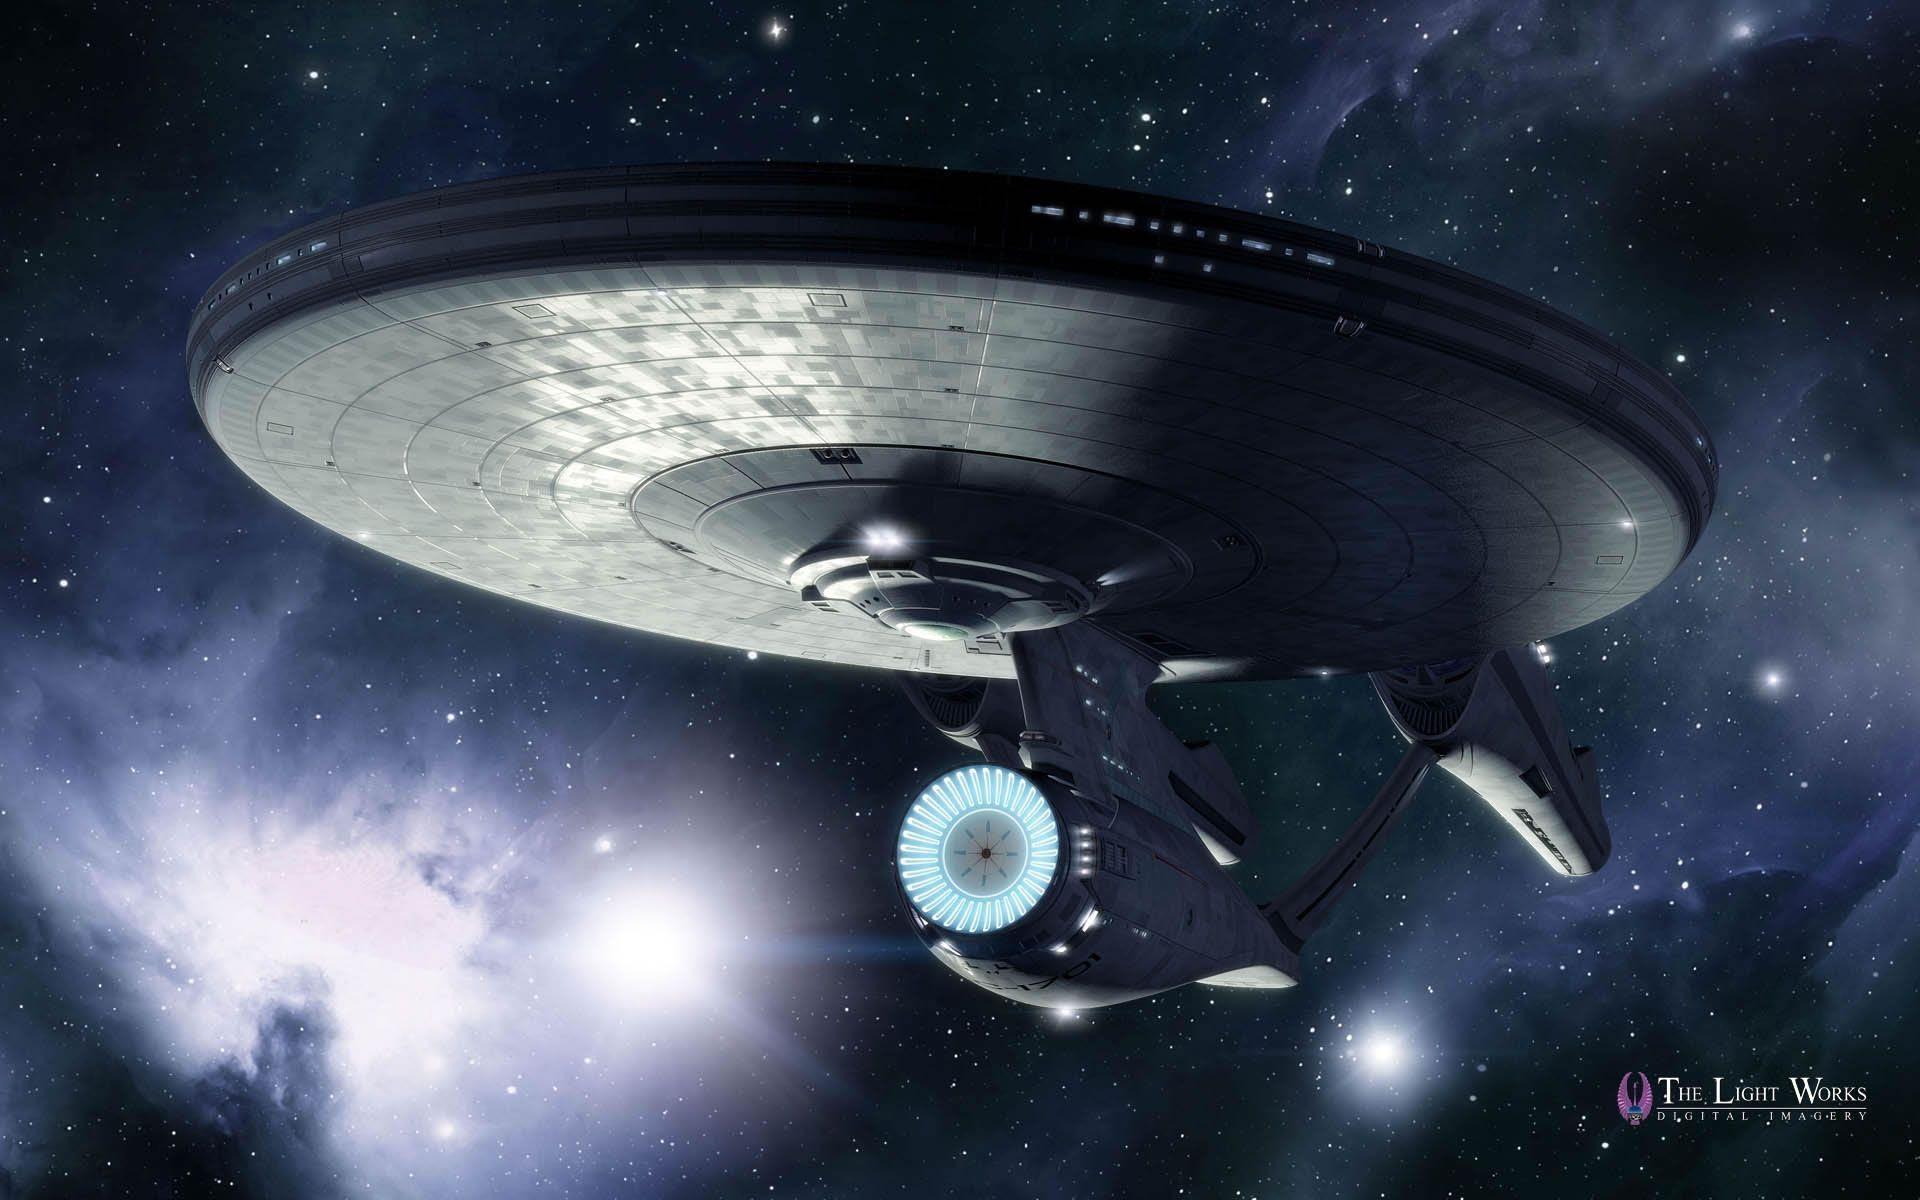 Star Trek Enterprise Wallpaper Sf Wallpaper